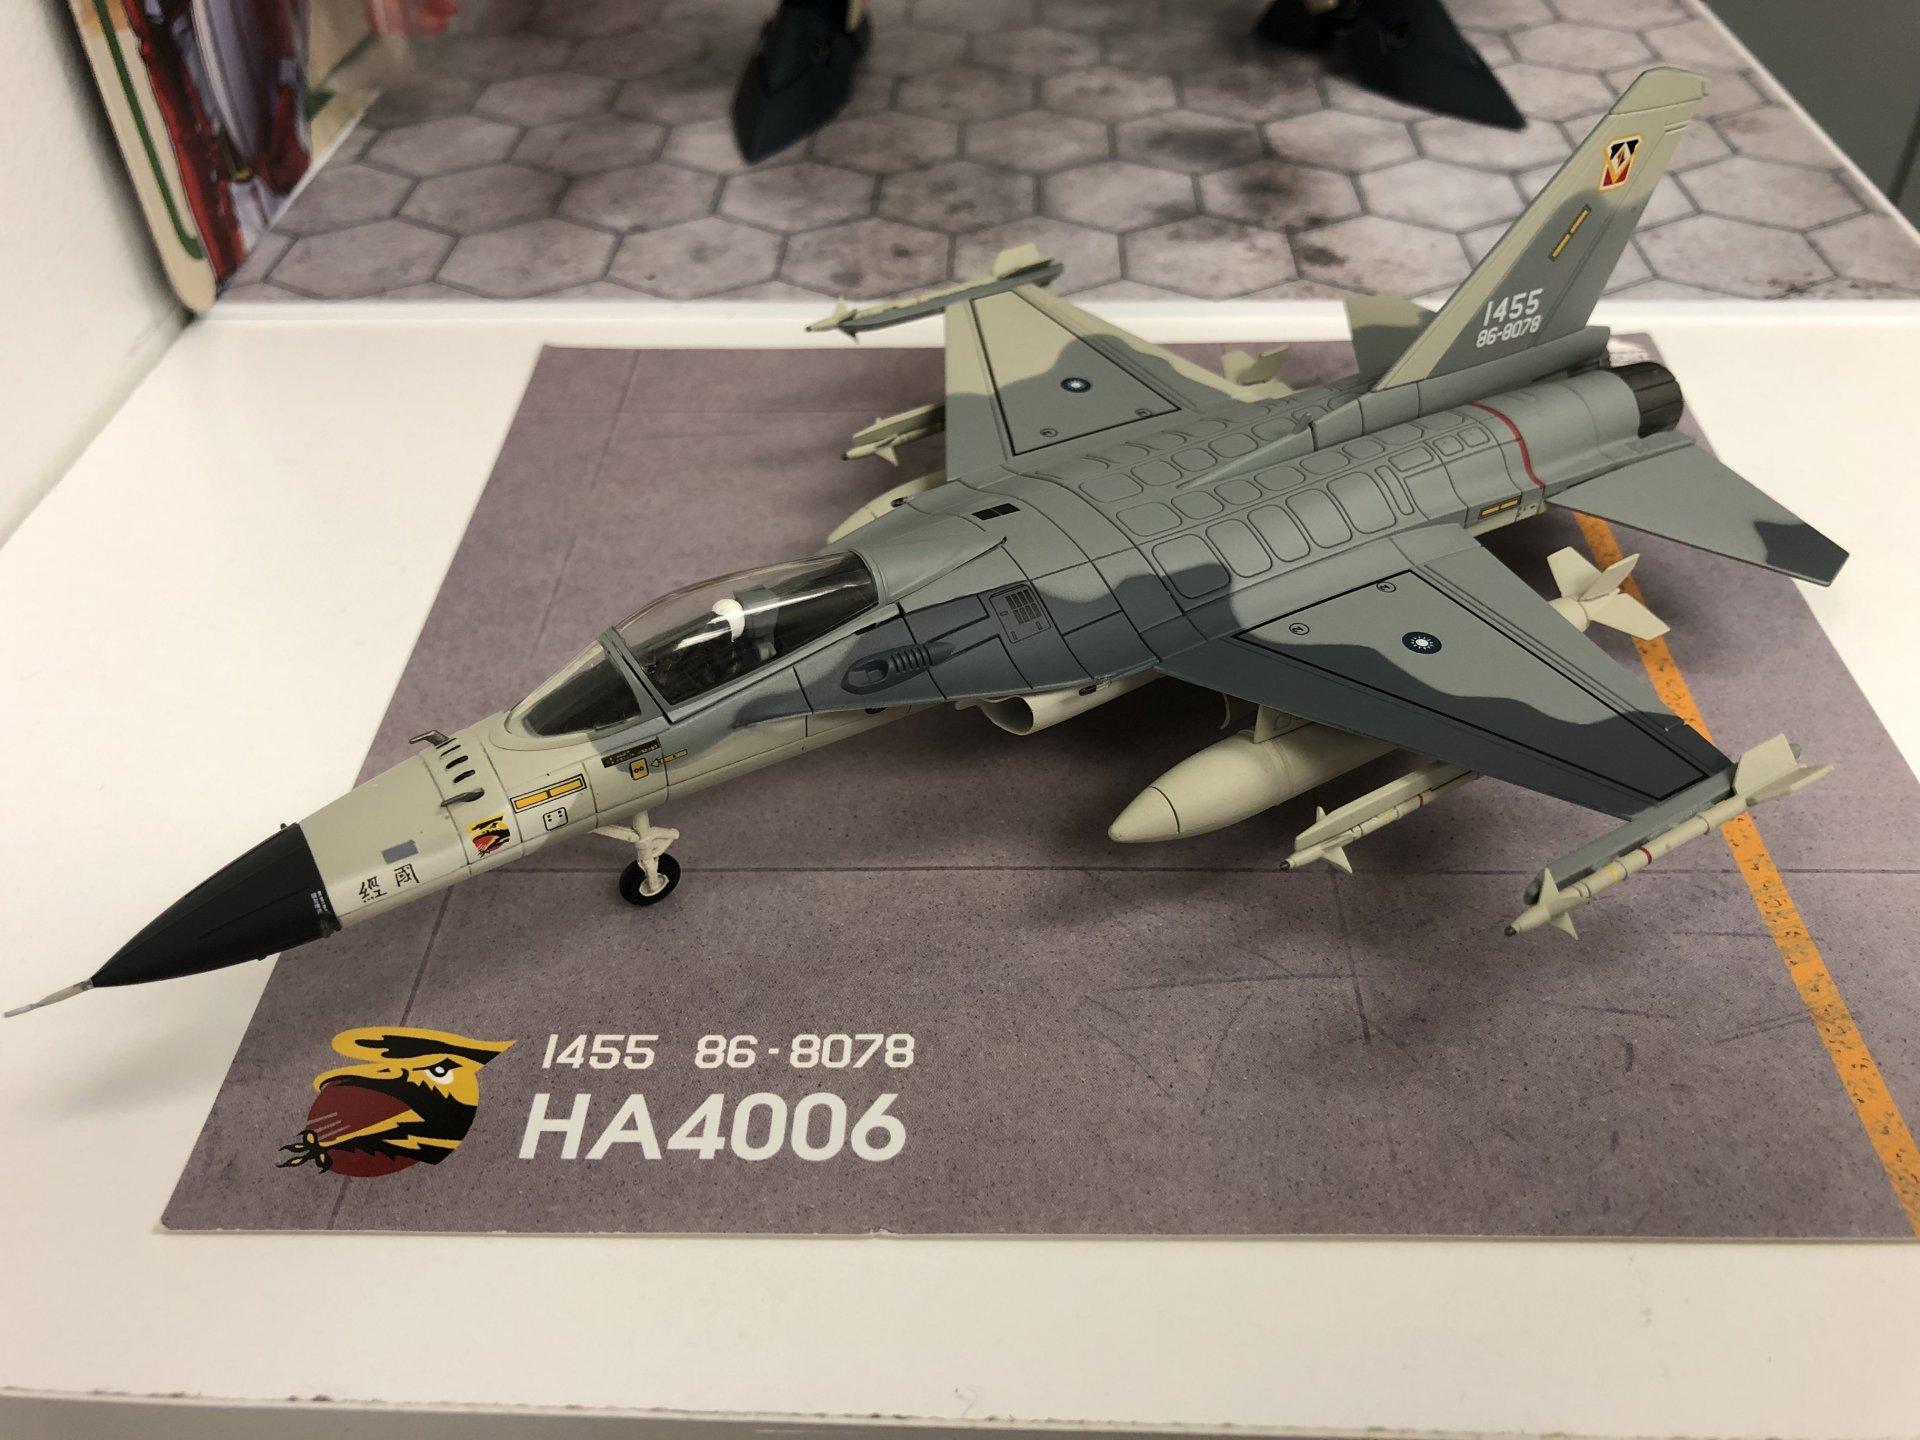 EDF4A65B-D180-4917-B4FF-92AE1152E6D3.jpeg